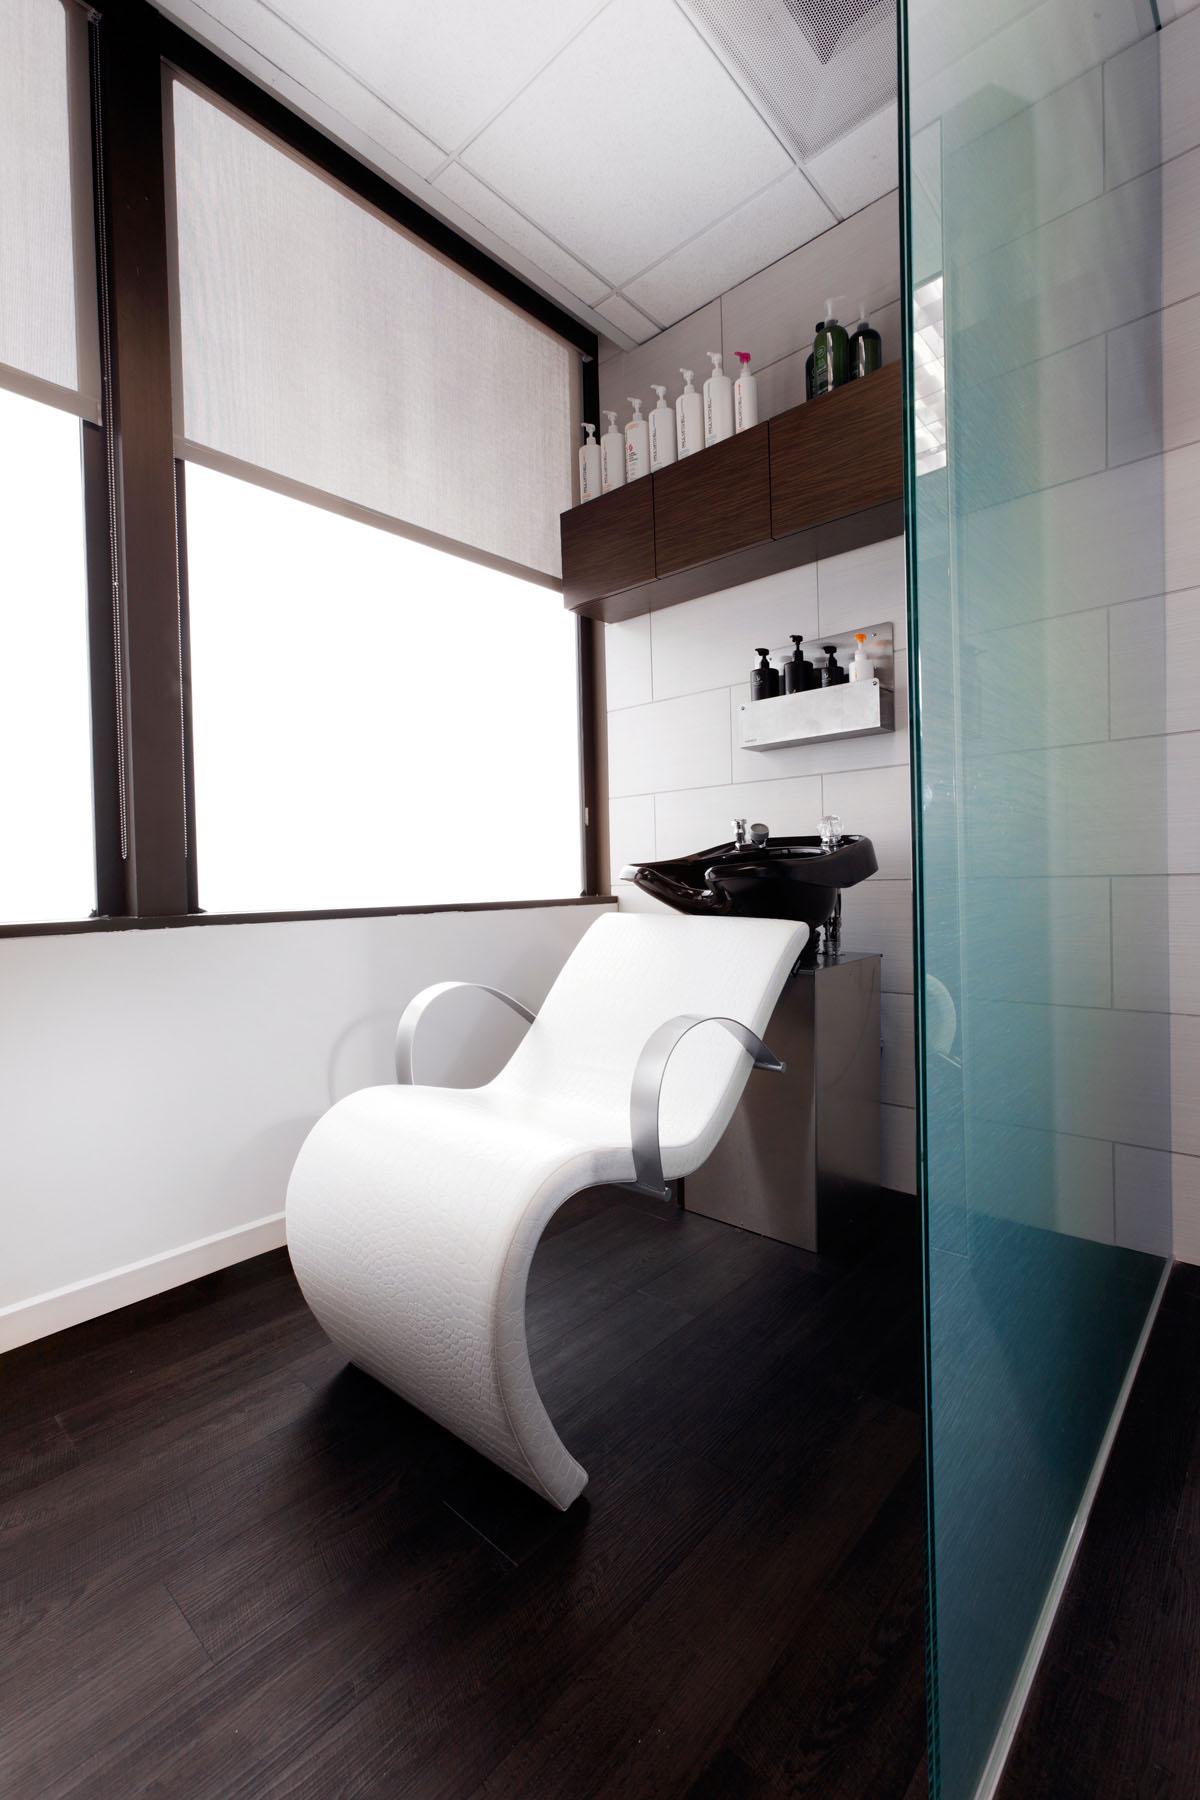 White-Shampoo-Chair-2017